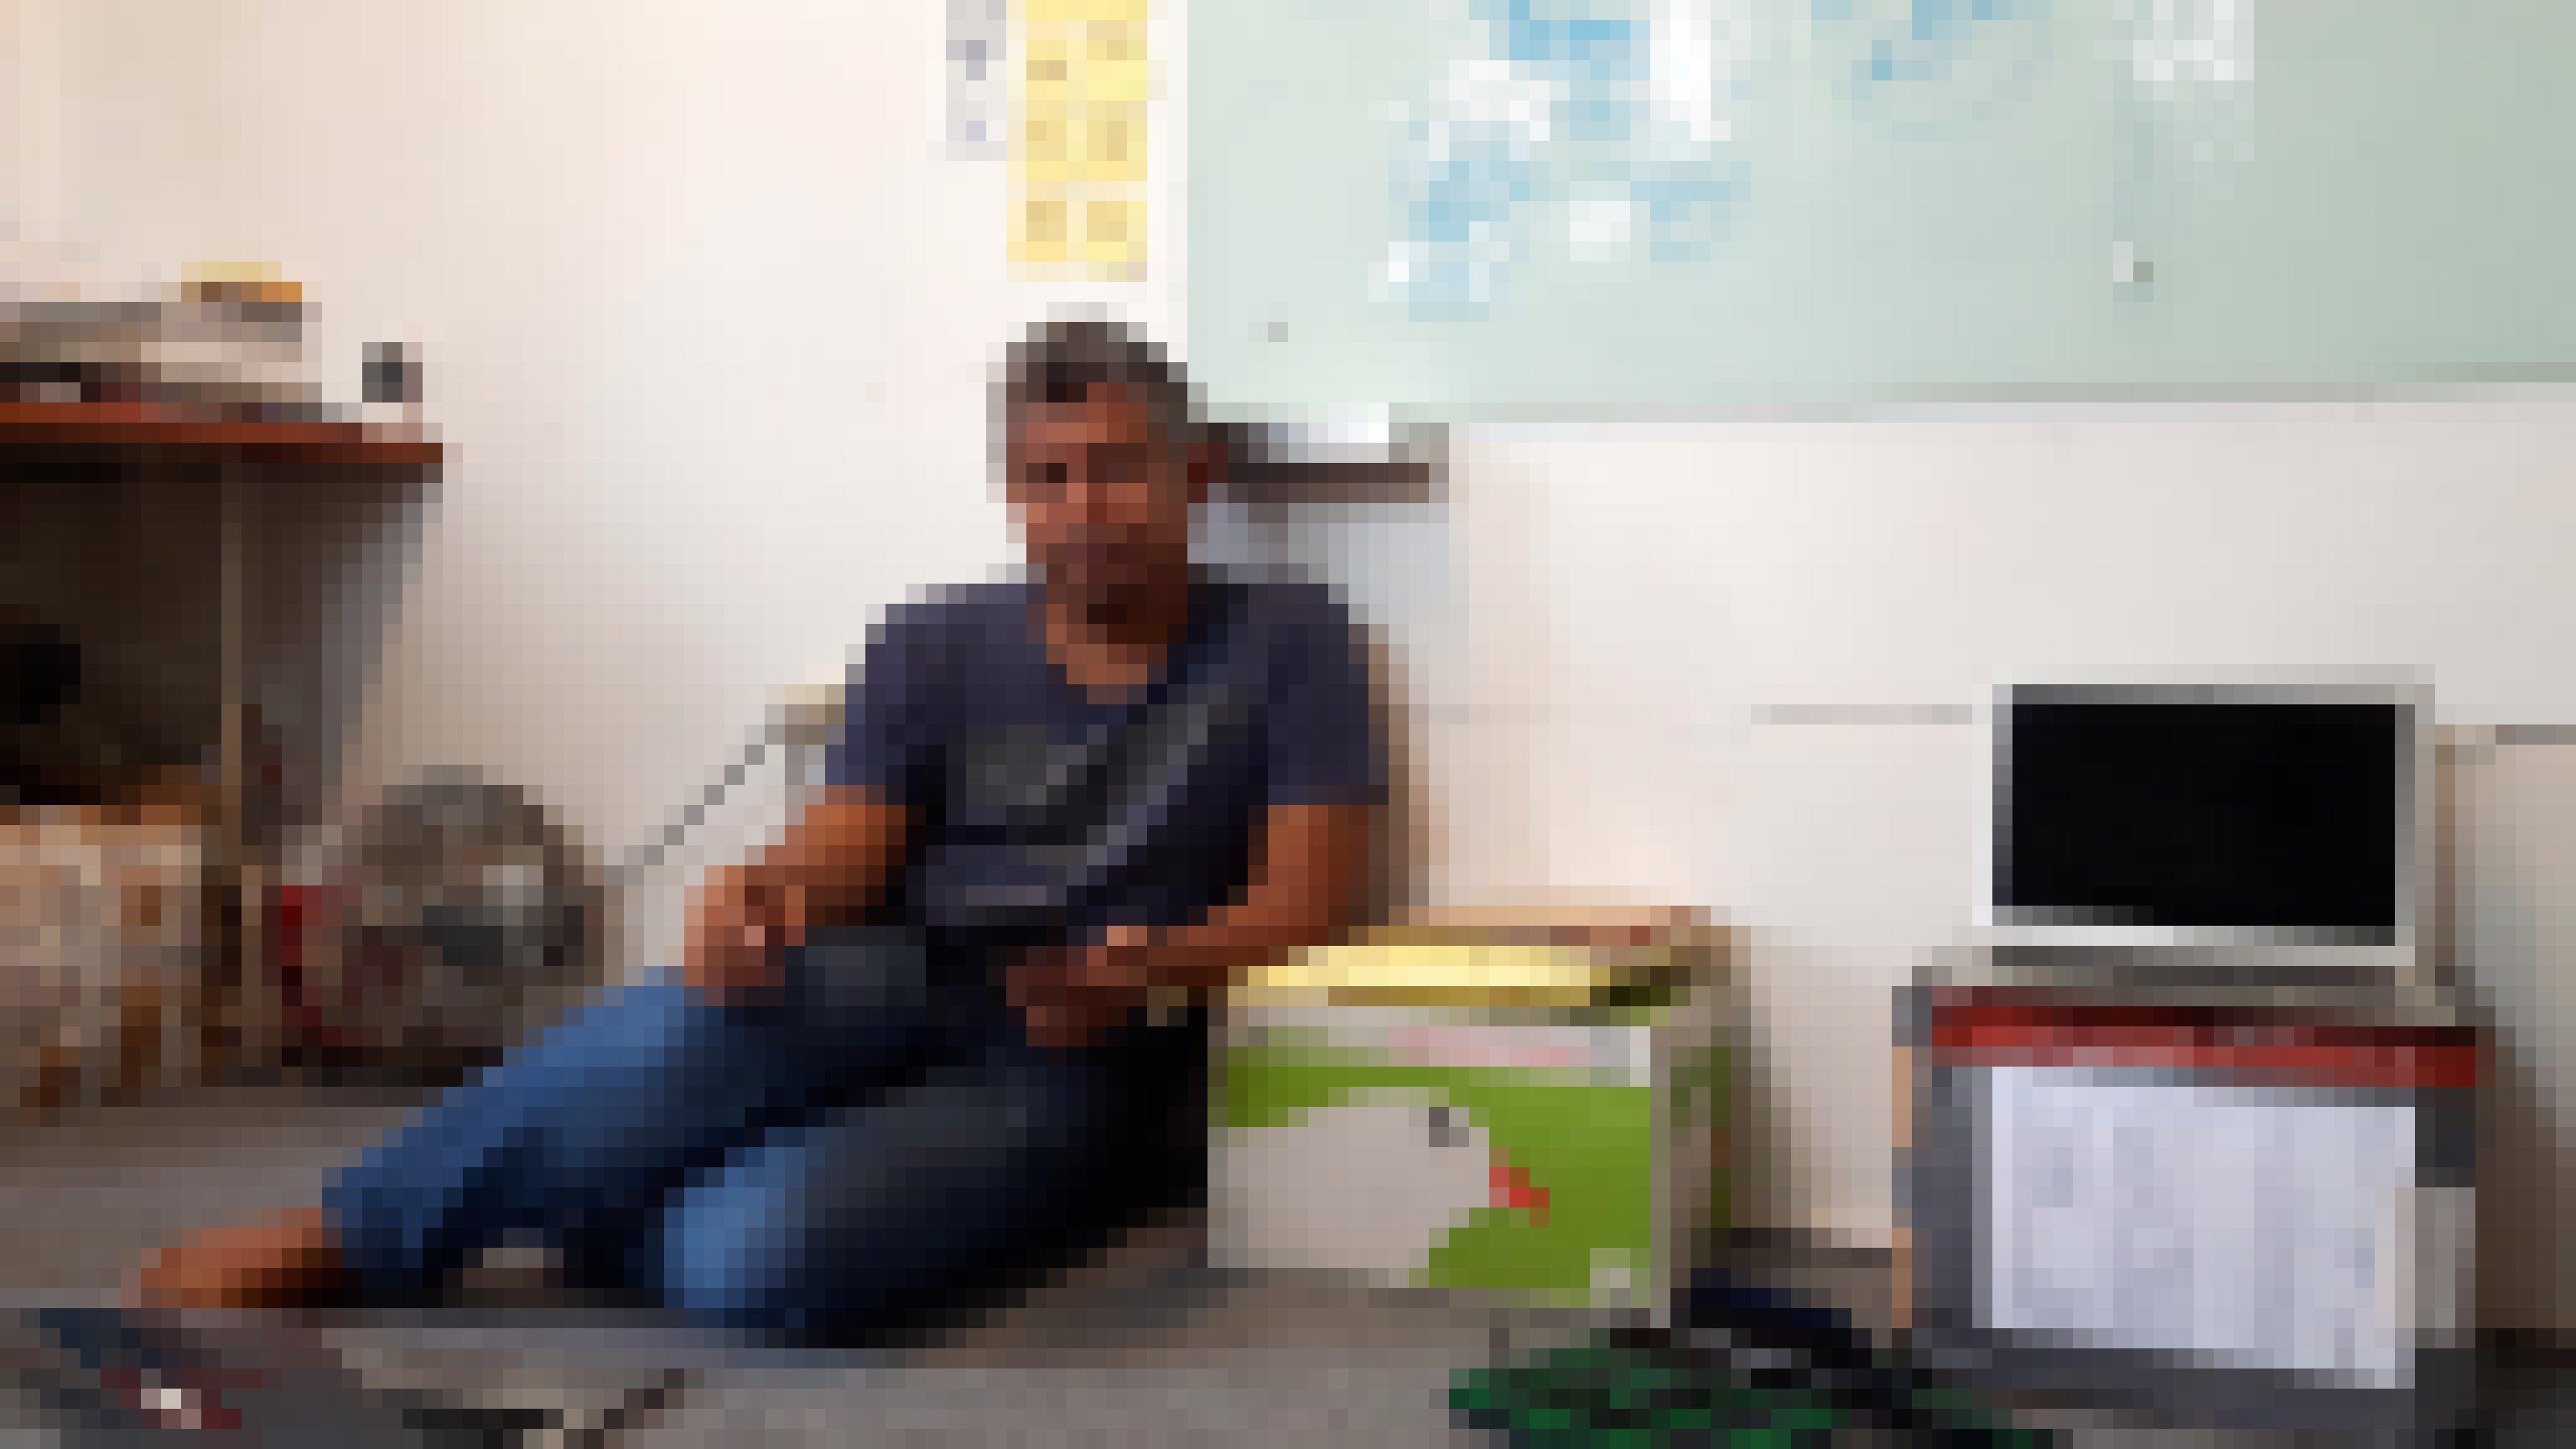 Ade Darmawan sitzt barfuß auf dem Boden des Gemeinschaftsbüros von ruangrupa in Jakarta